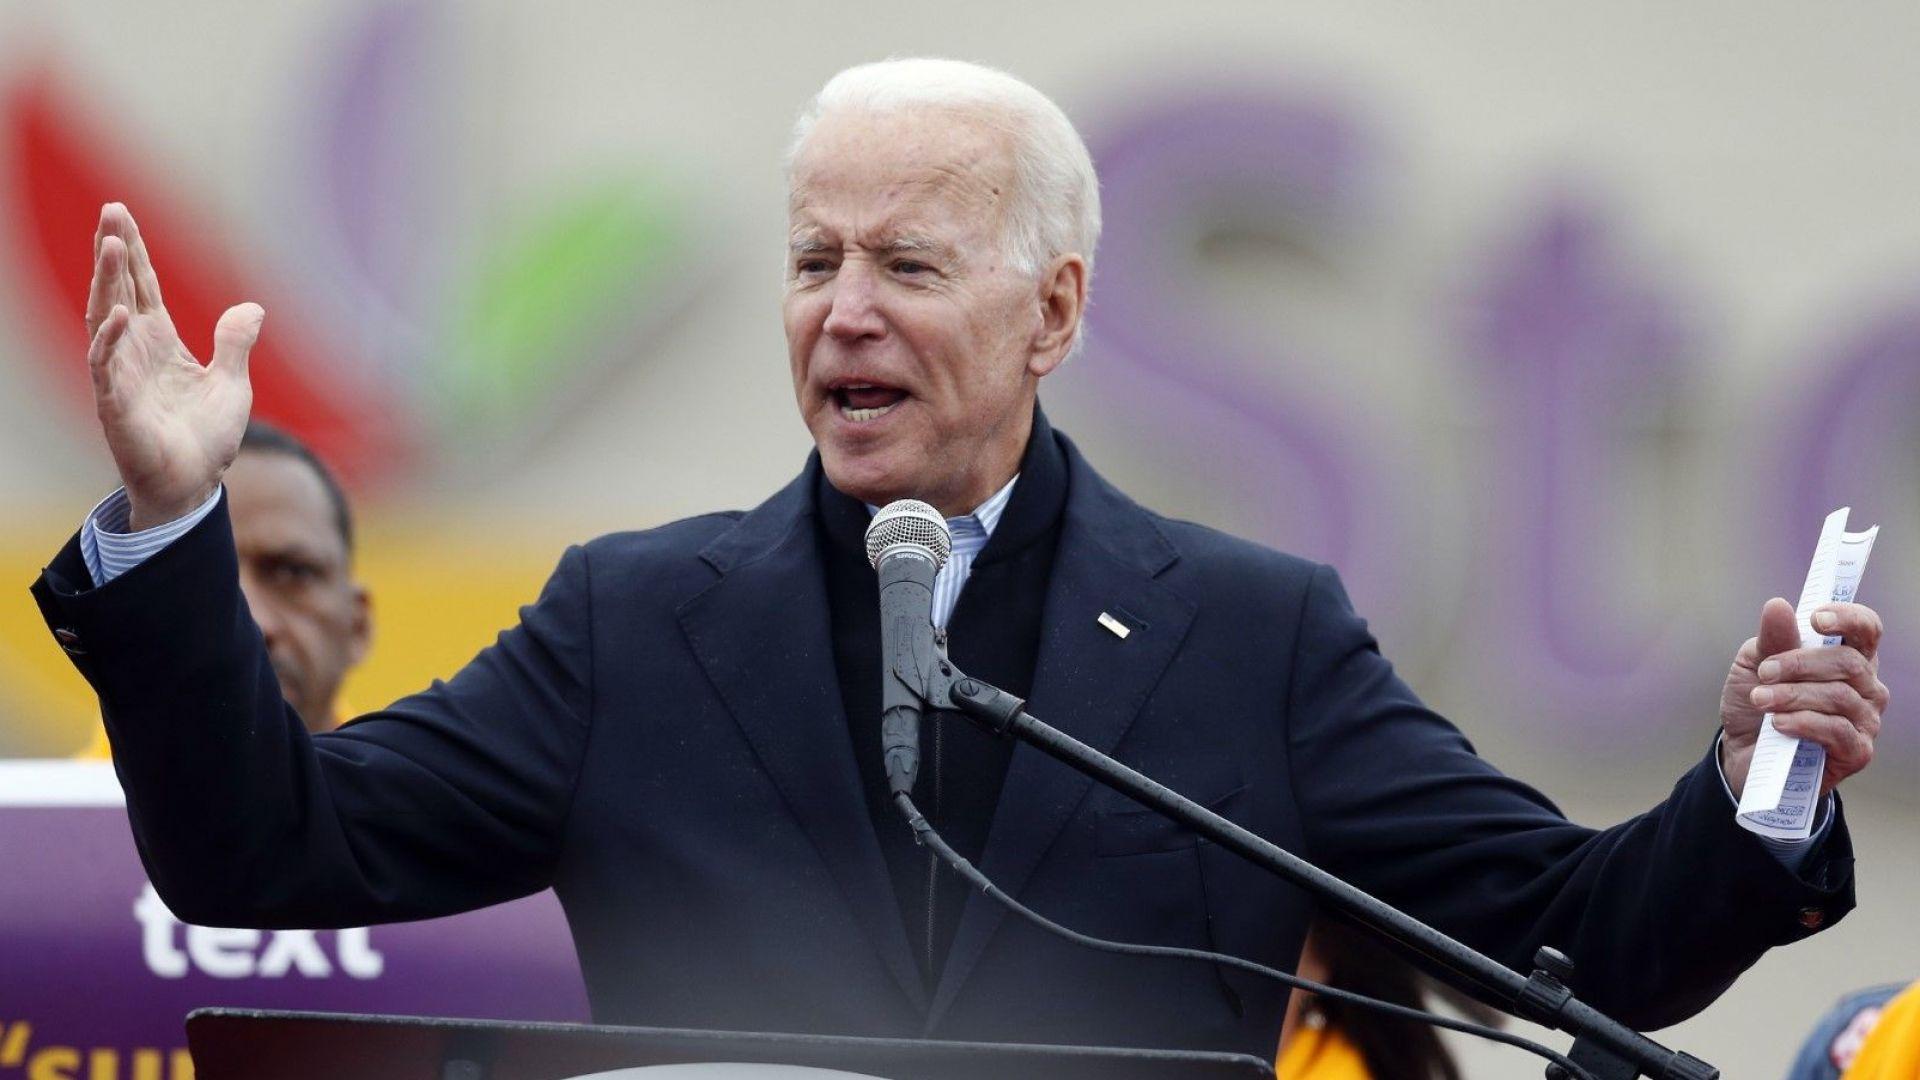 Джо Байдън се включва в кандидат-президентската надпревара